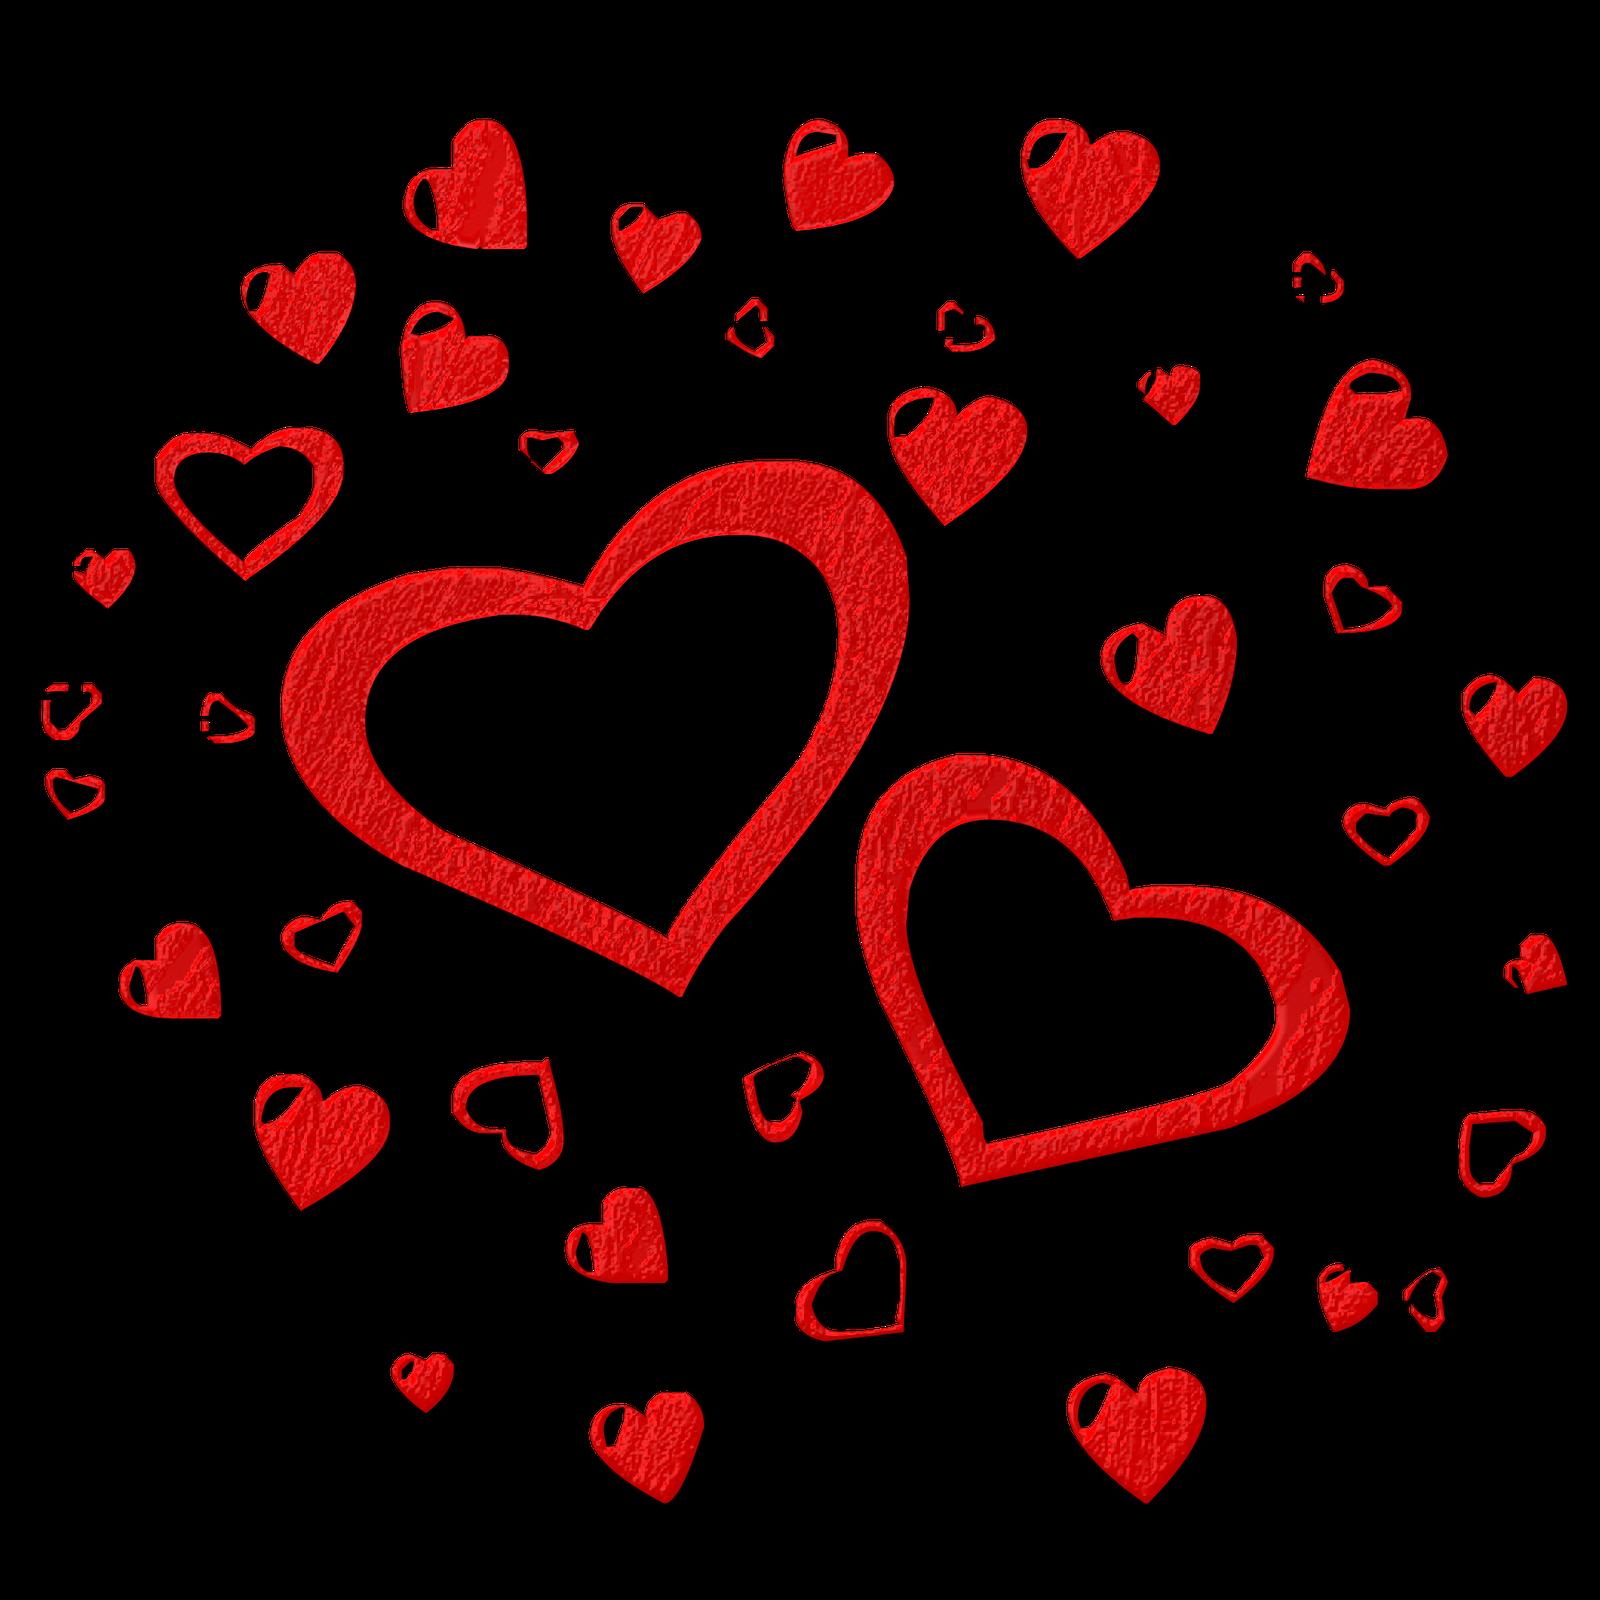 Les cliparts de clo st valentin 2012 7 - Image st valentin a telecharger gratuitement ...